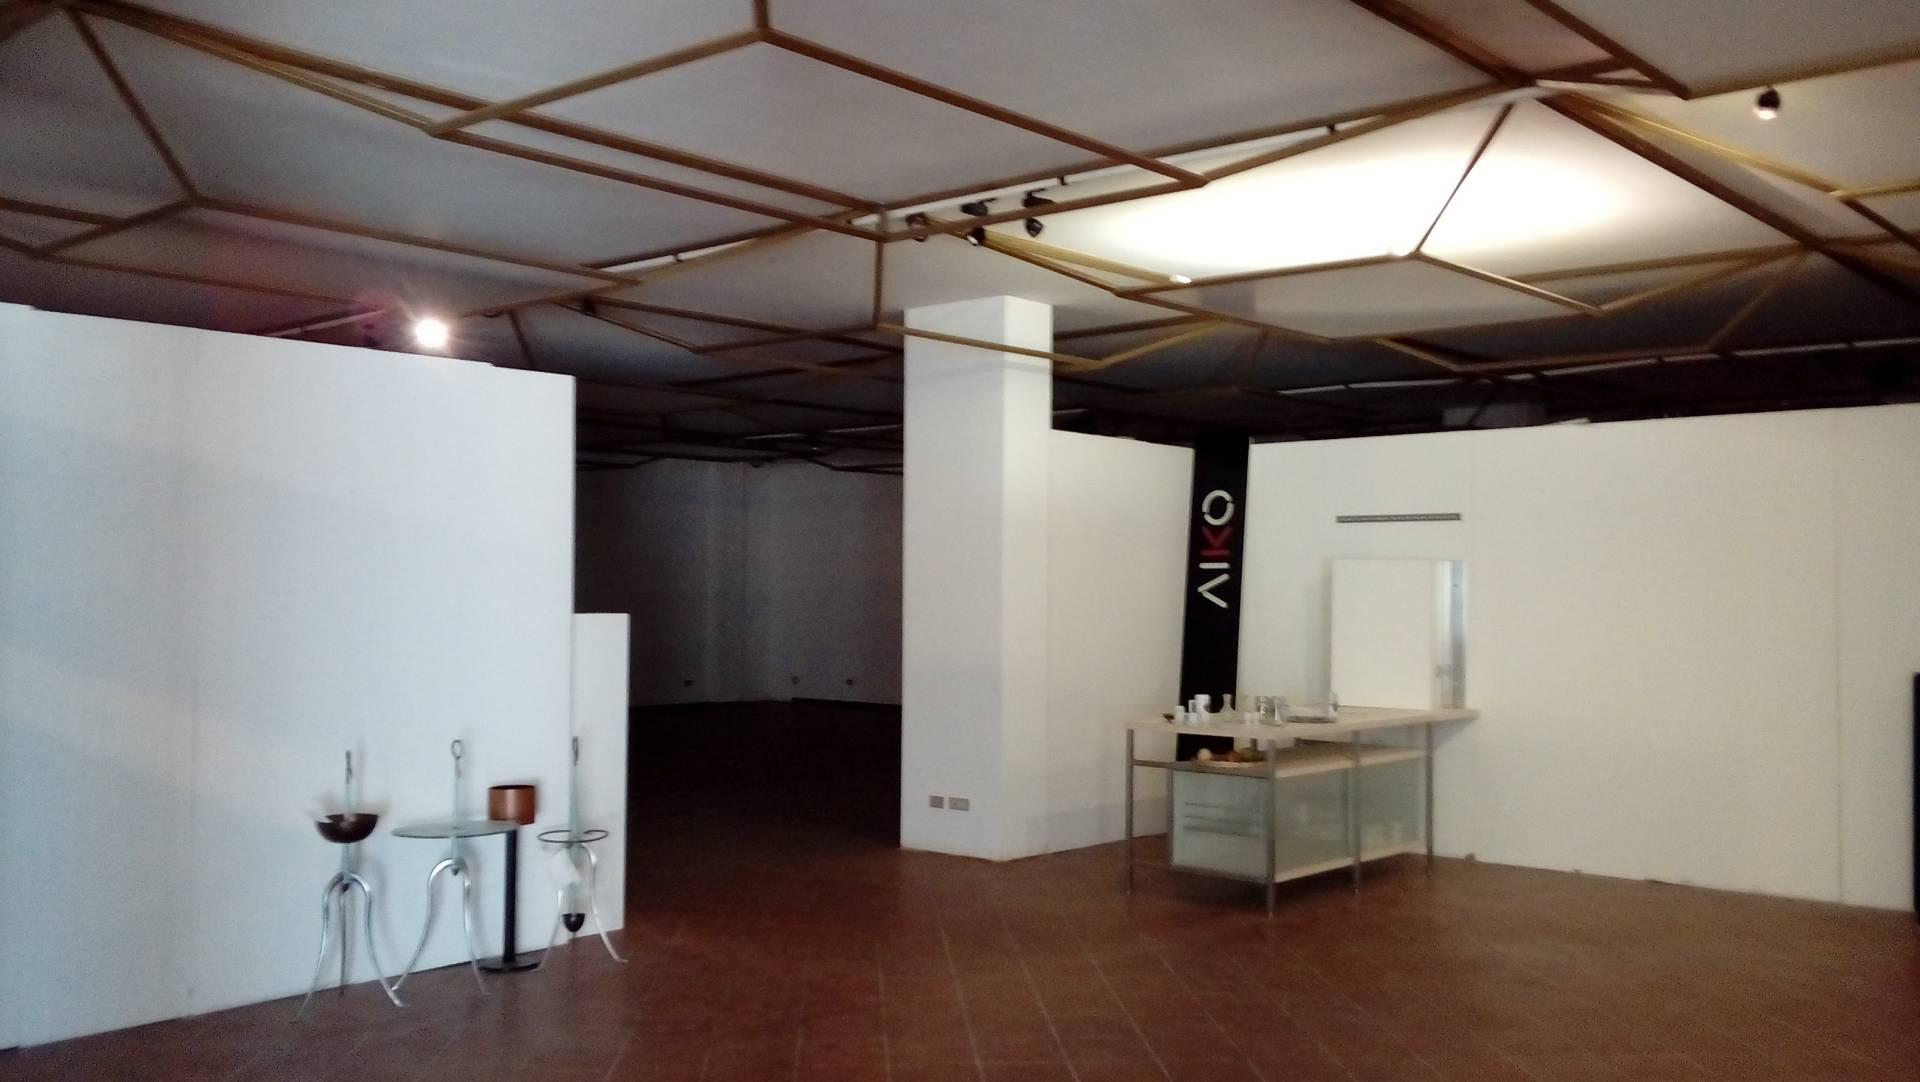 Attività / Licenza in affitto a Longiano, 9999 locali, zona Località: Longiano, Trattative riservate   CambioCasa.it